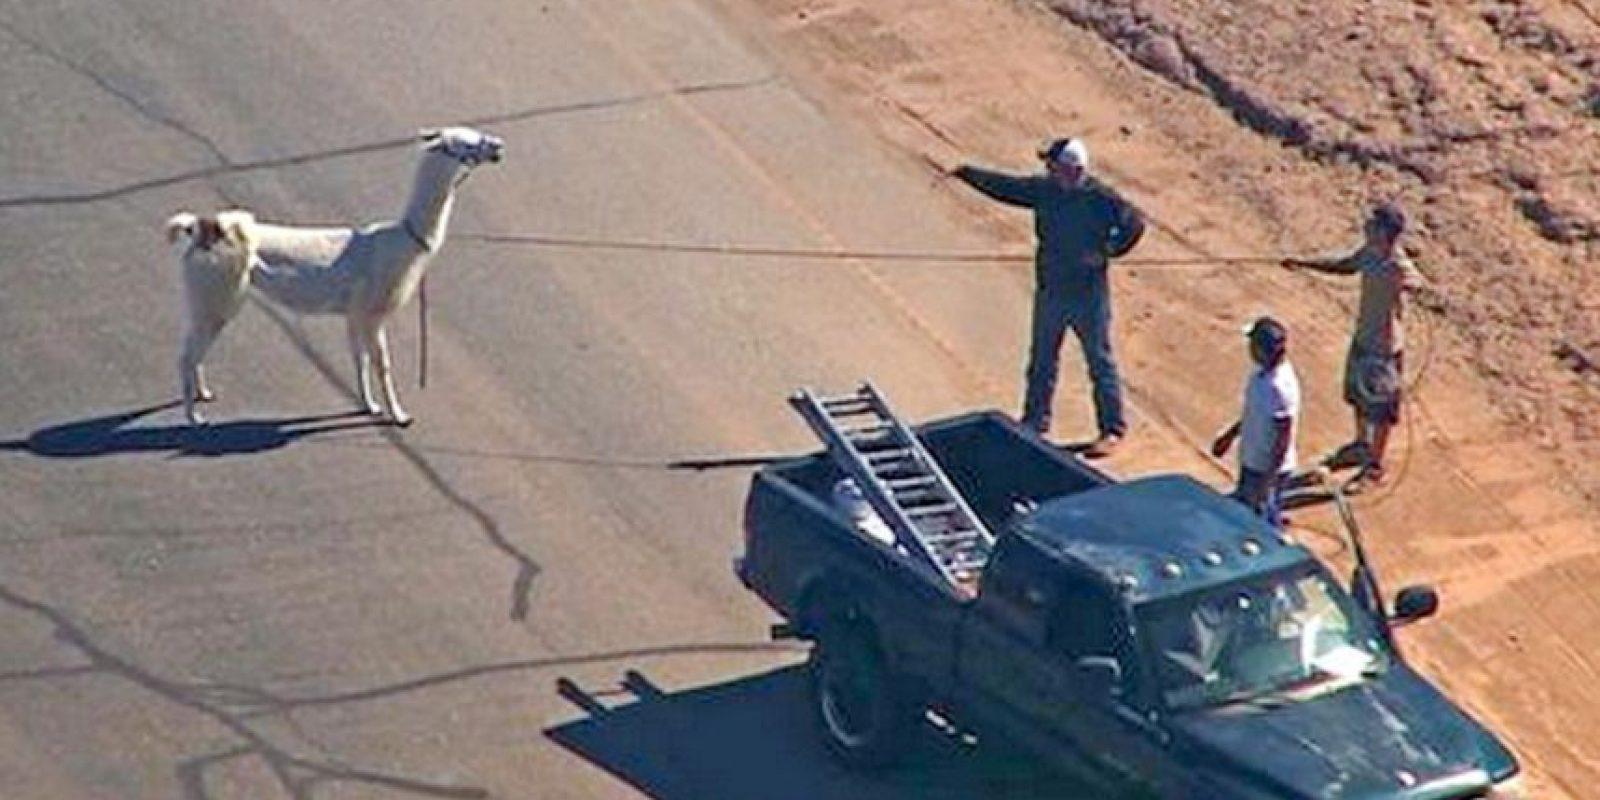 La persecución tuvo una duración de aproximadamente 10 minutos Foto:AP